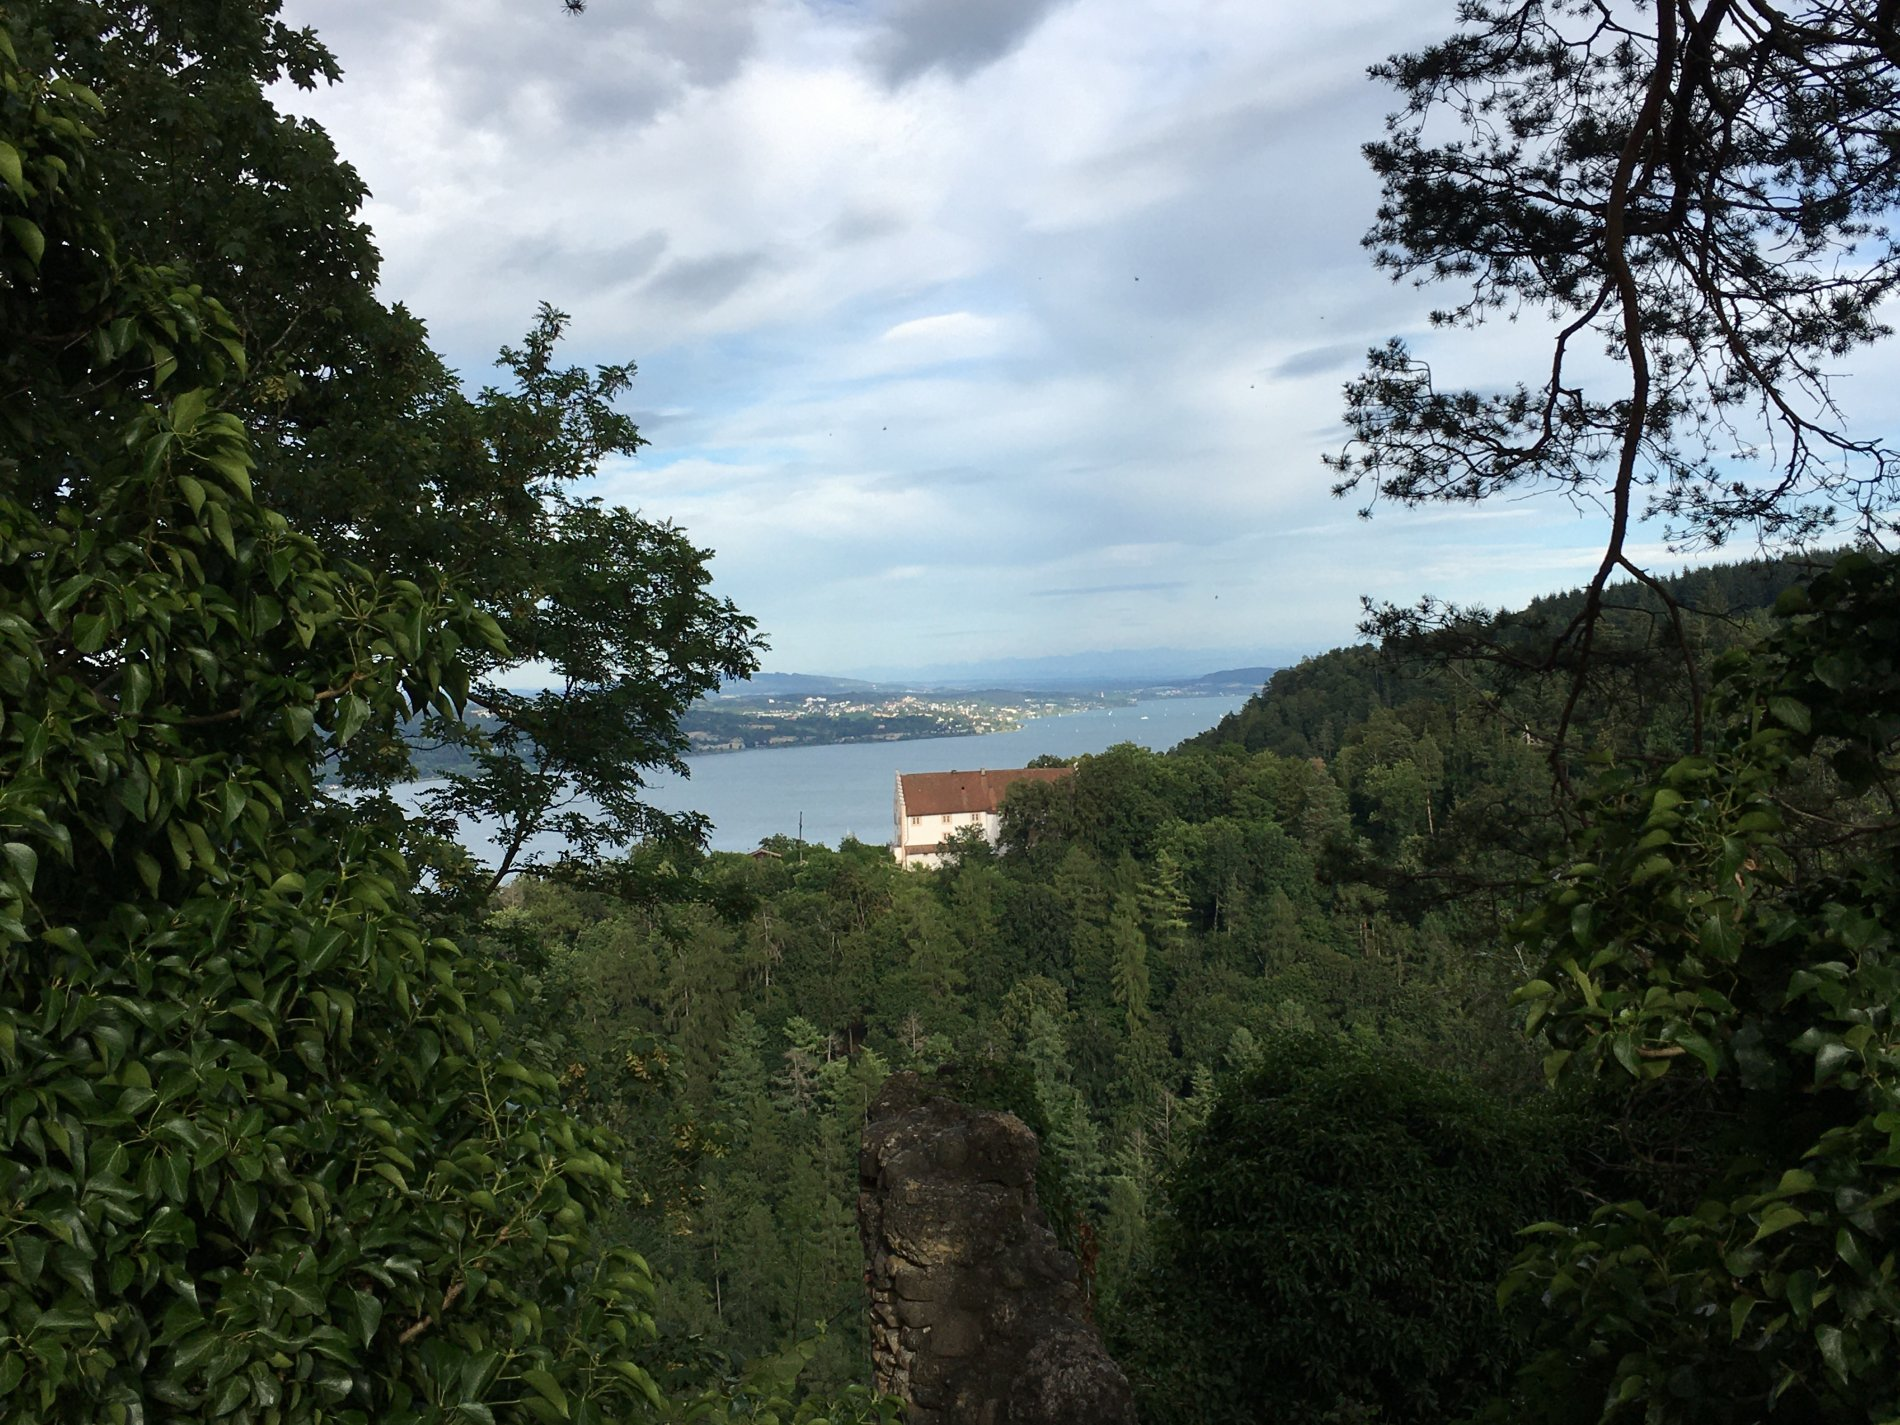 Blick auf den Frauenberg